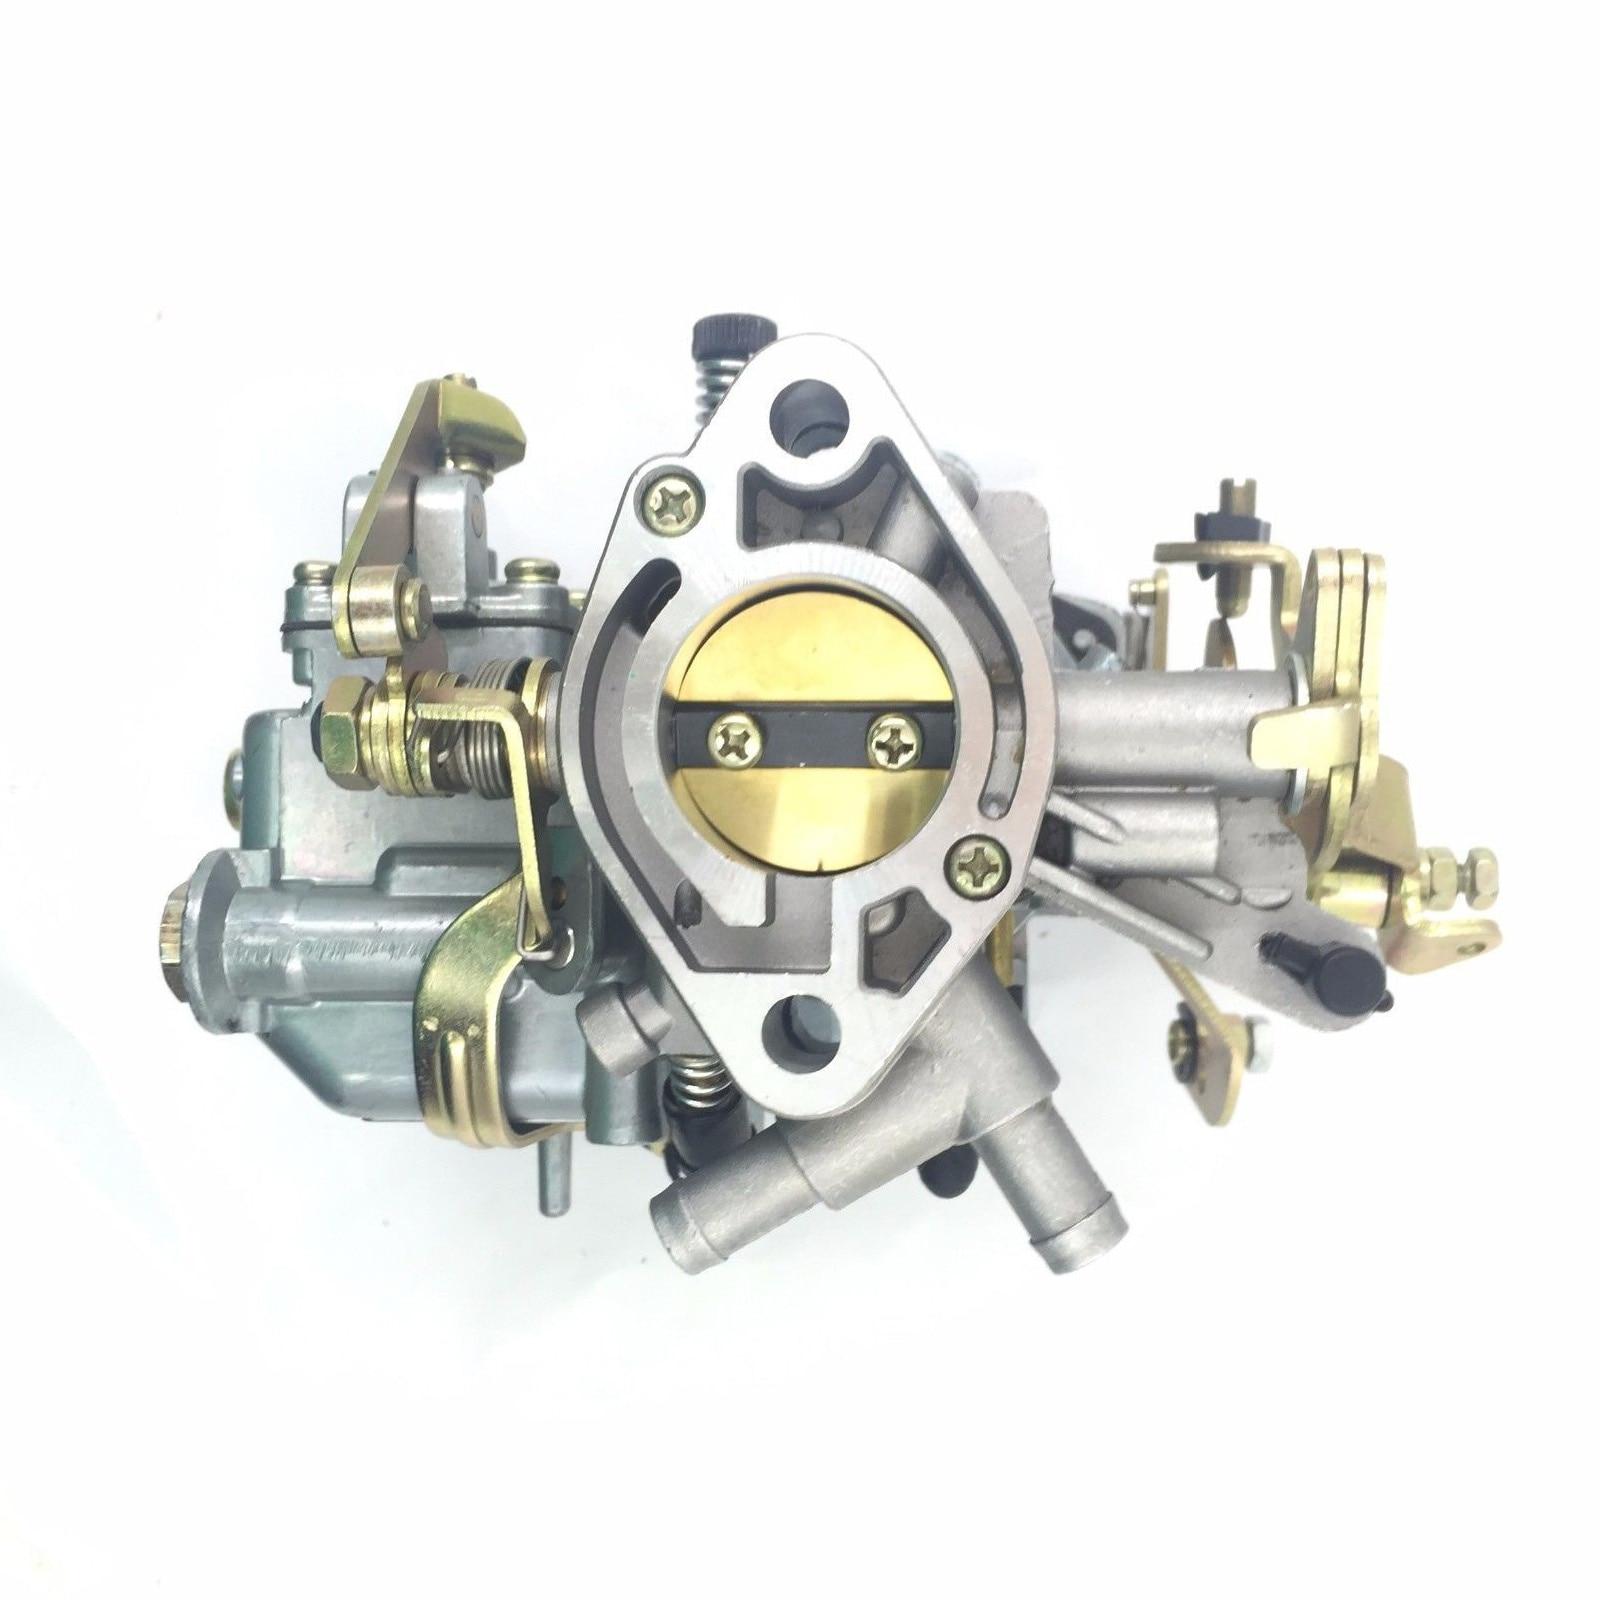 Carburateur avant 14186001 1294 remis à neuf pour Renault R12 1.6L 1969-1995 de haute qualité